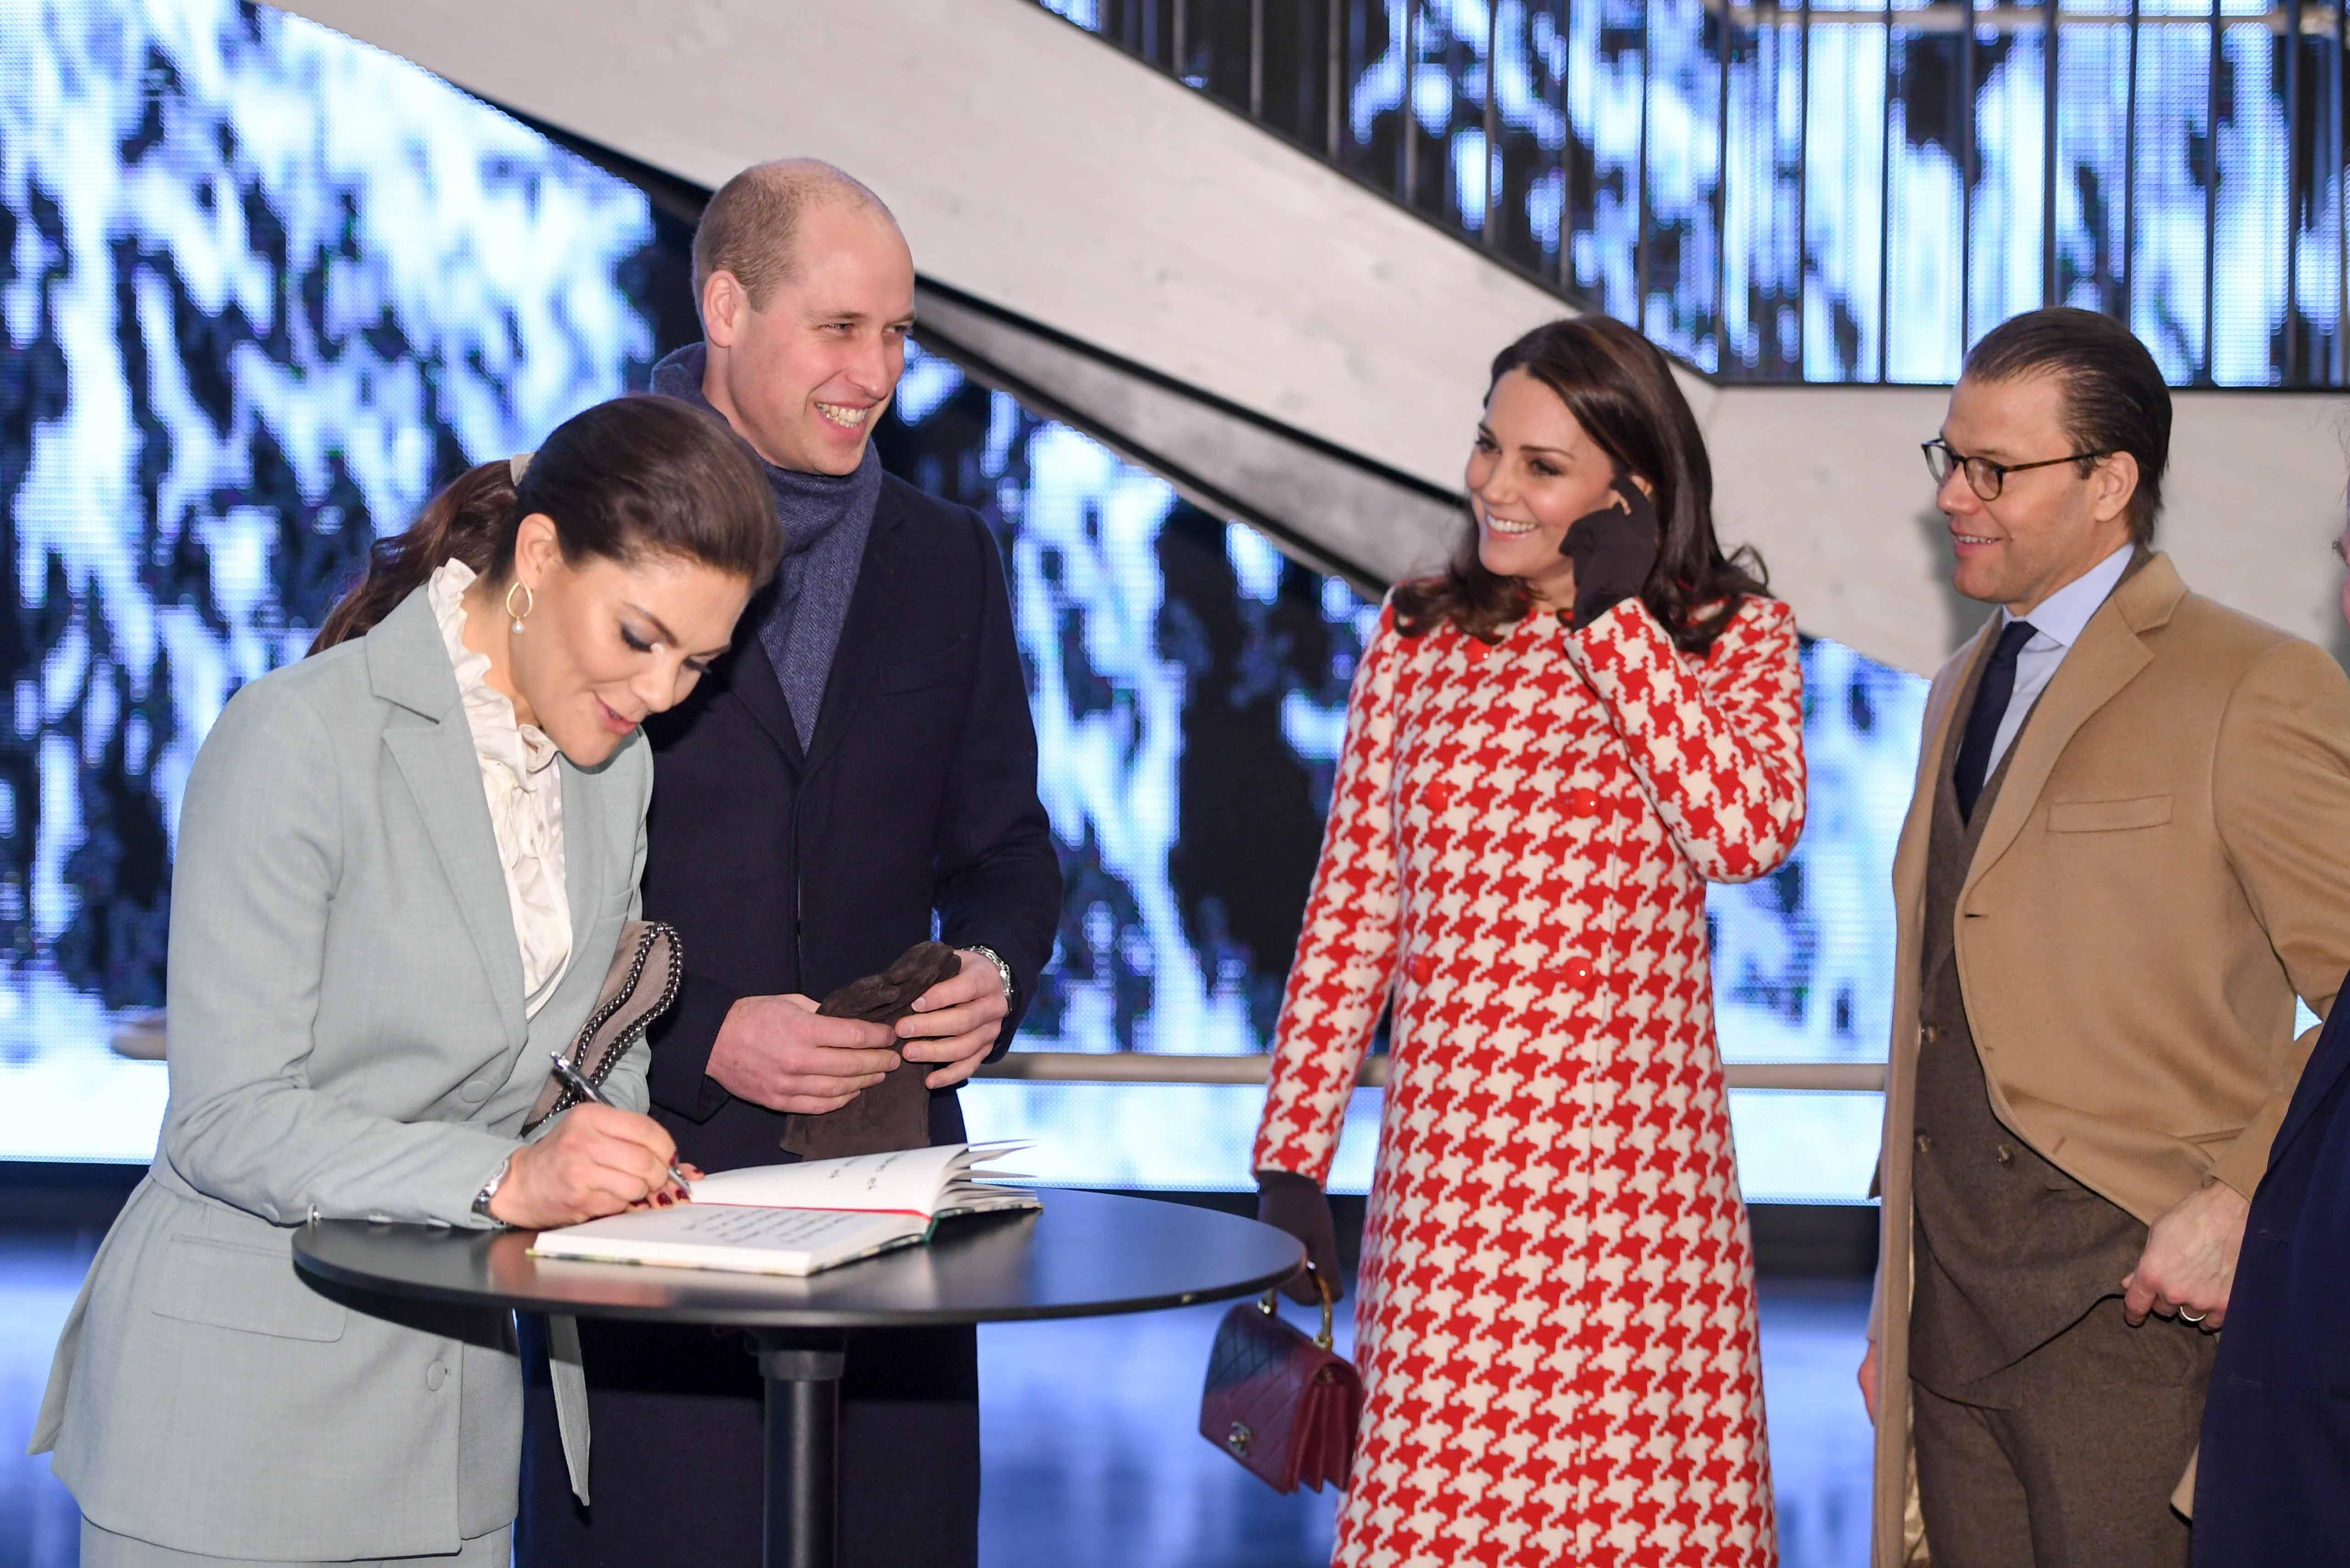 La princesa Victoria, heredera al trono de Suecia, firma el libro de visitas del Instituto Karolinksa  en Solna, acompañada por el príncipe William, Kate Middleton, y su esposo el príncipe Daniel. (Foto: Henrik Montgomery/TT via AP)